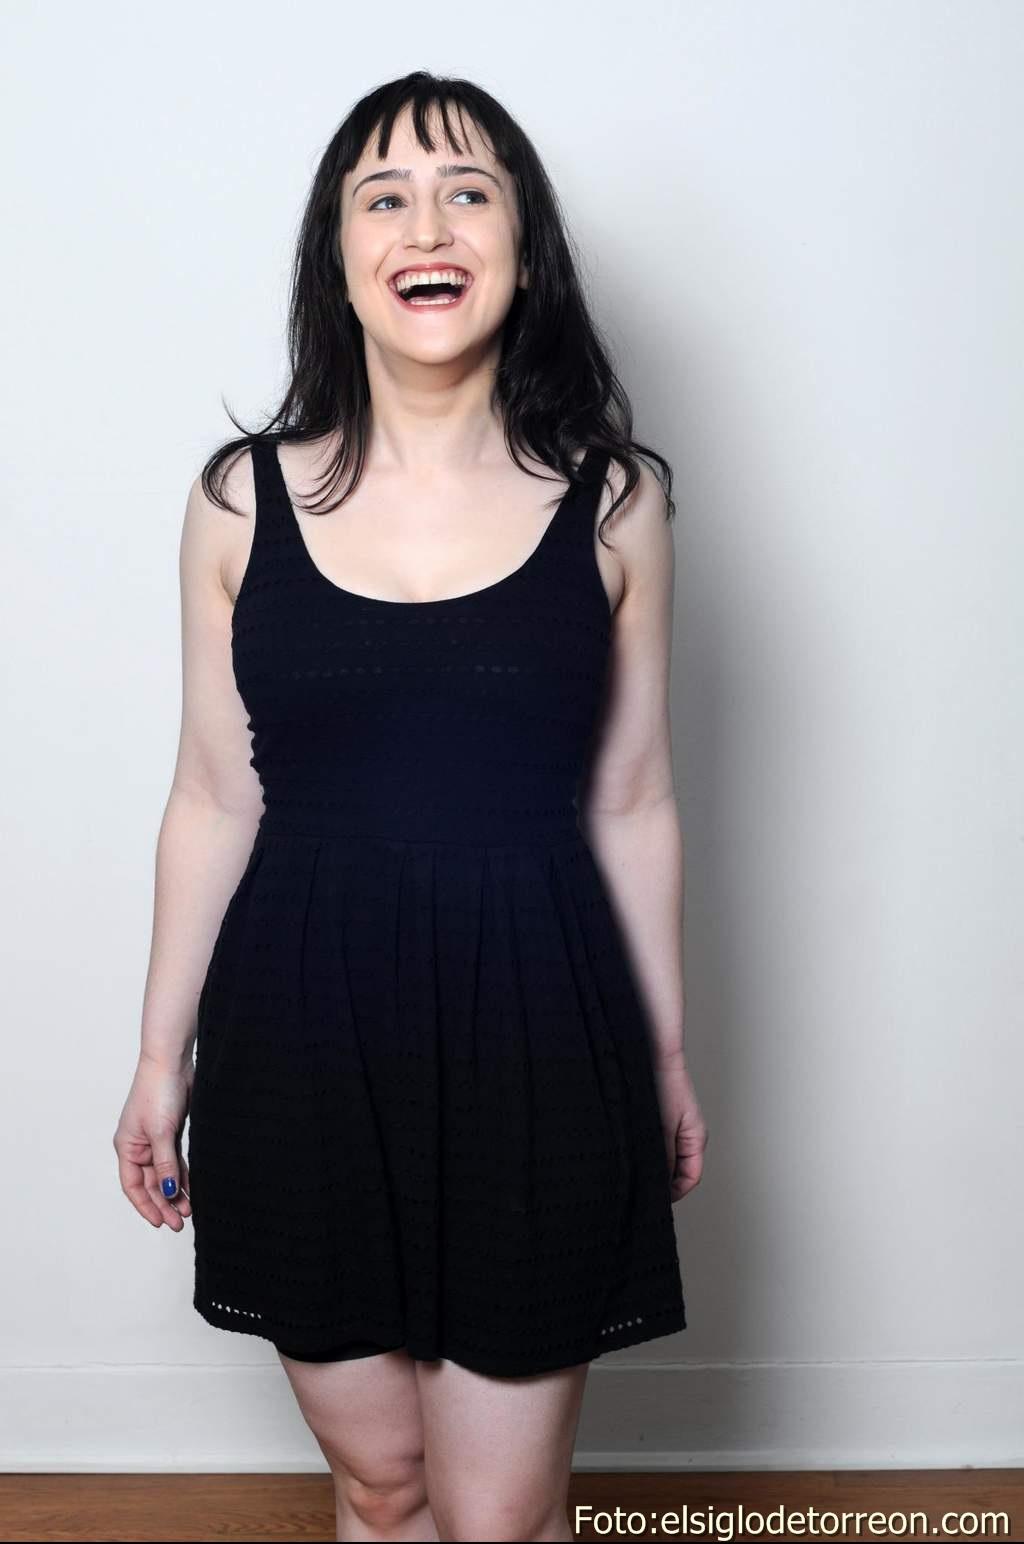 Allison Lozz Desnuda actriz – candela